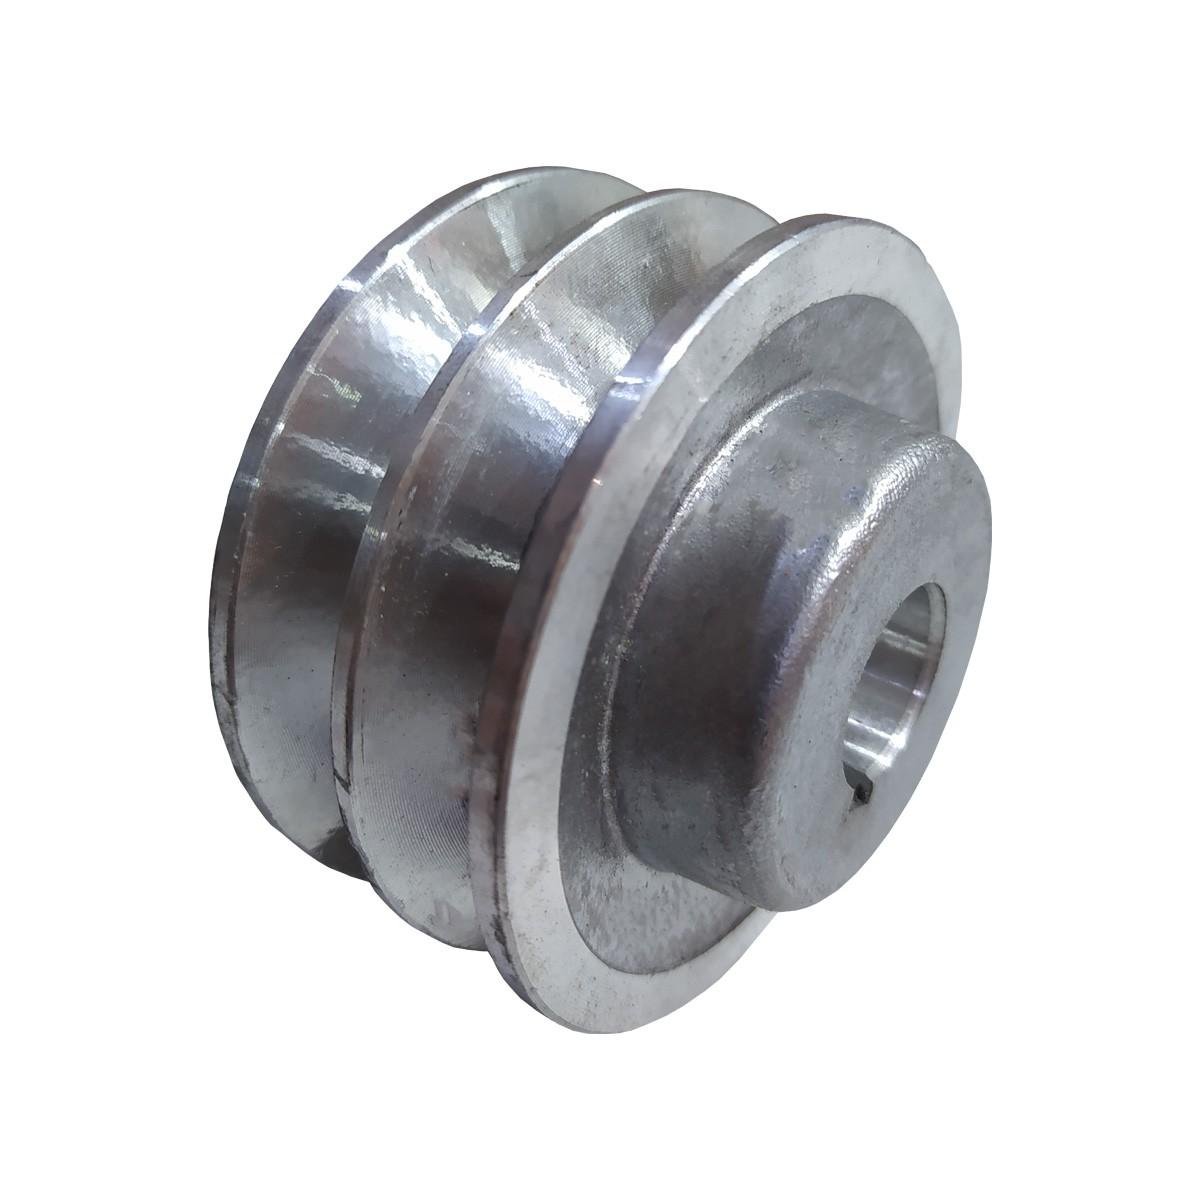 Polia De Aluminio 80mm Furo 3/4